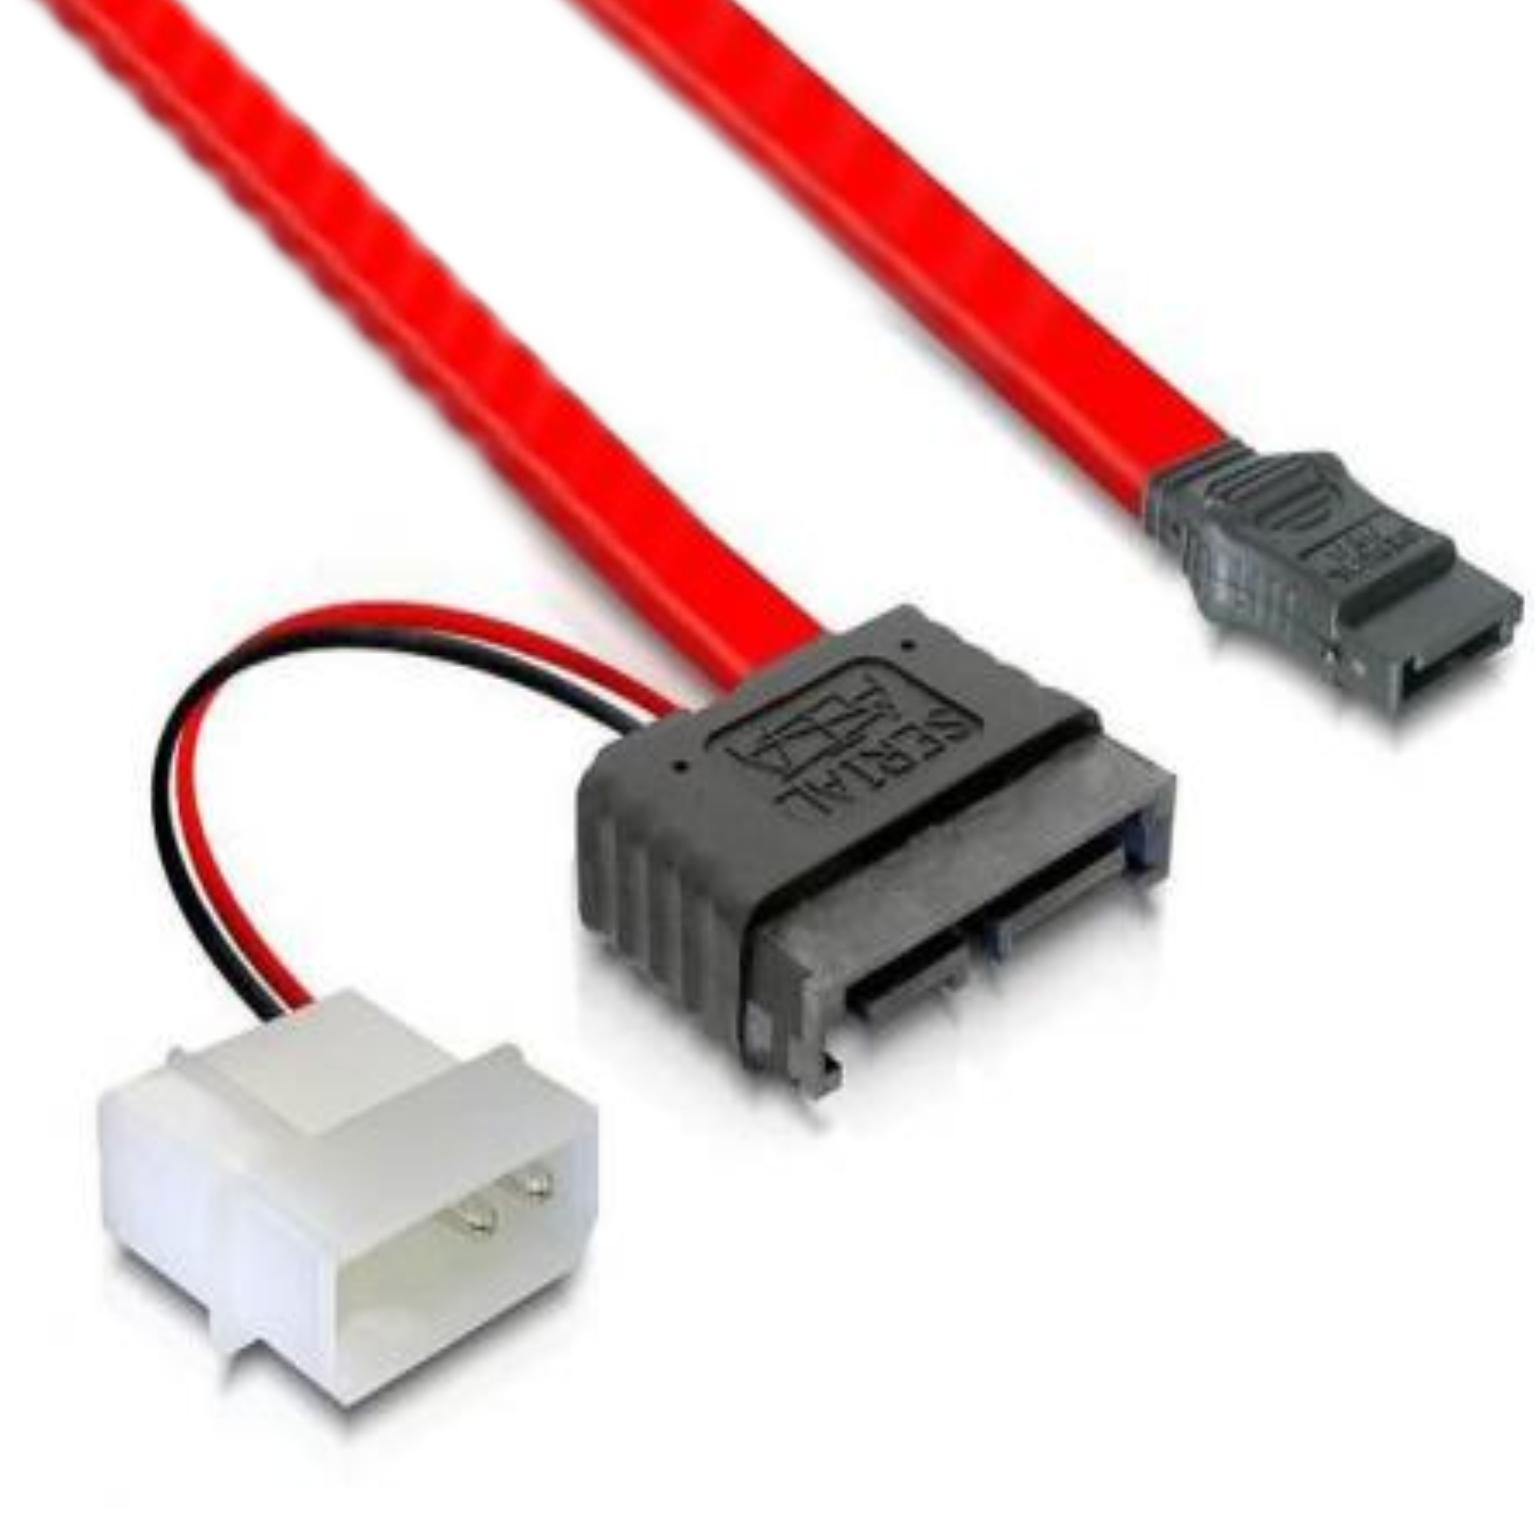 Slim SATA kabel met voeding Lengte: 30cm